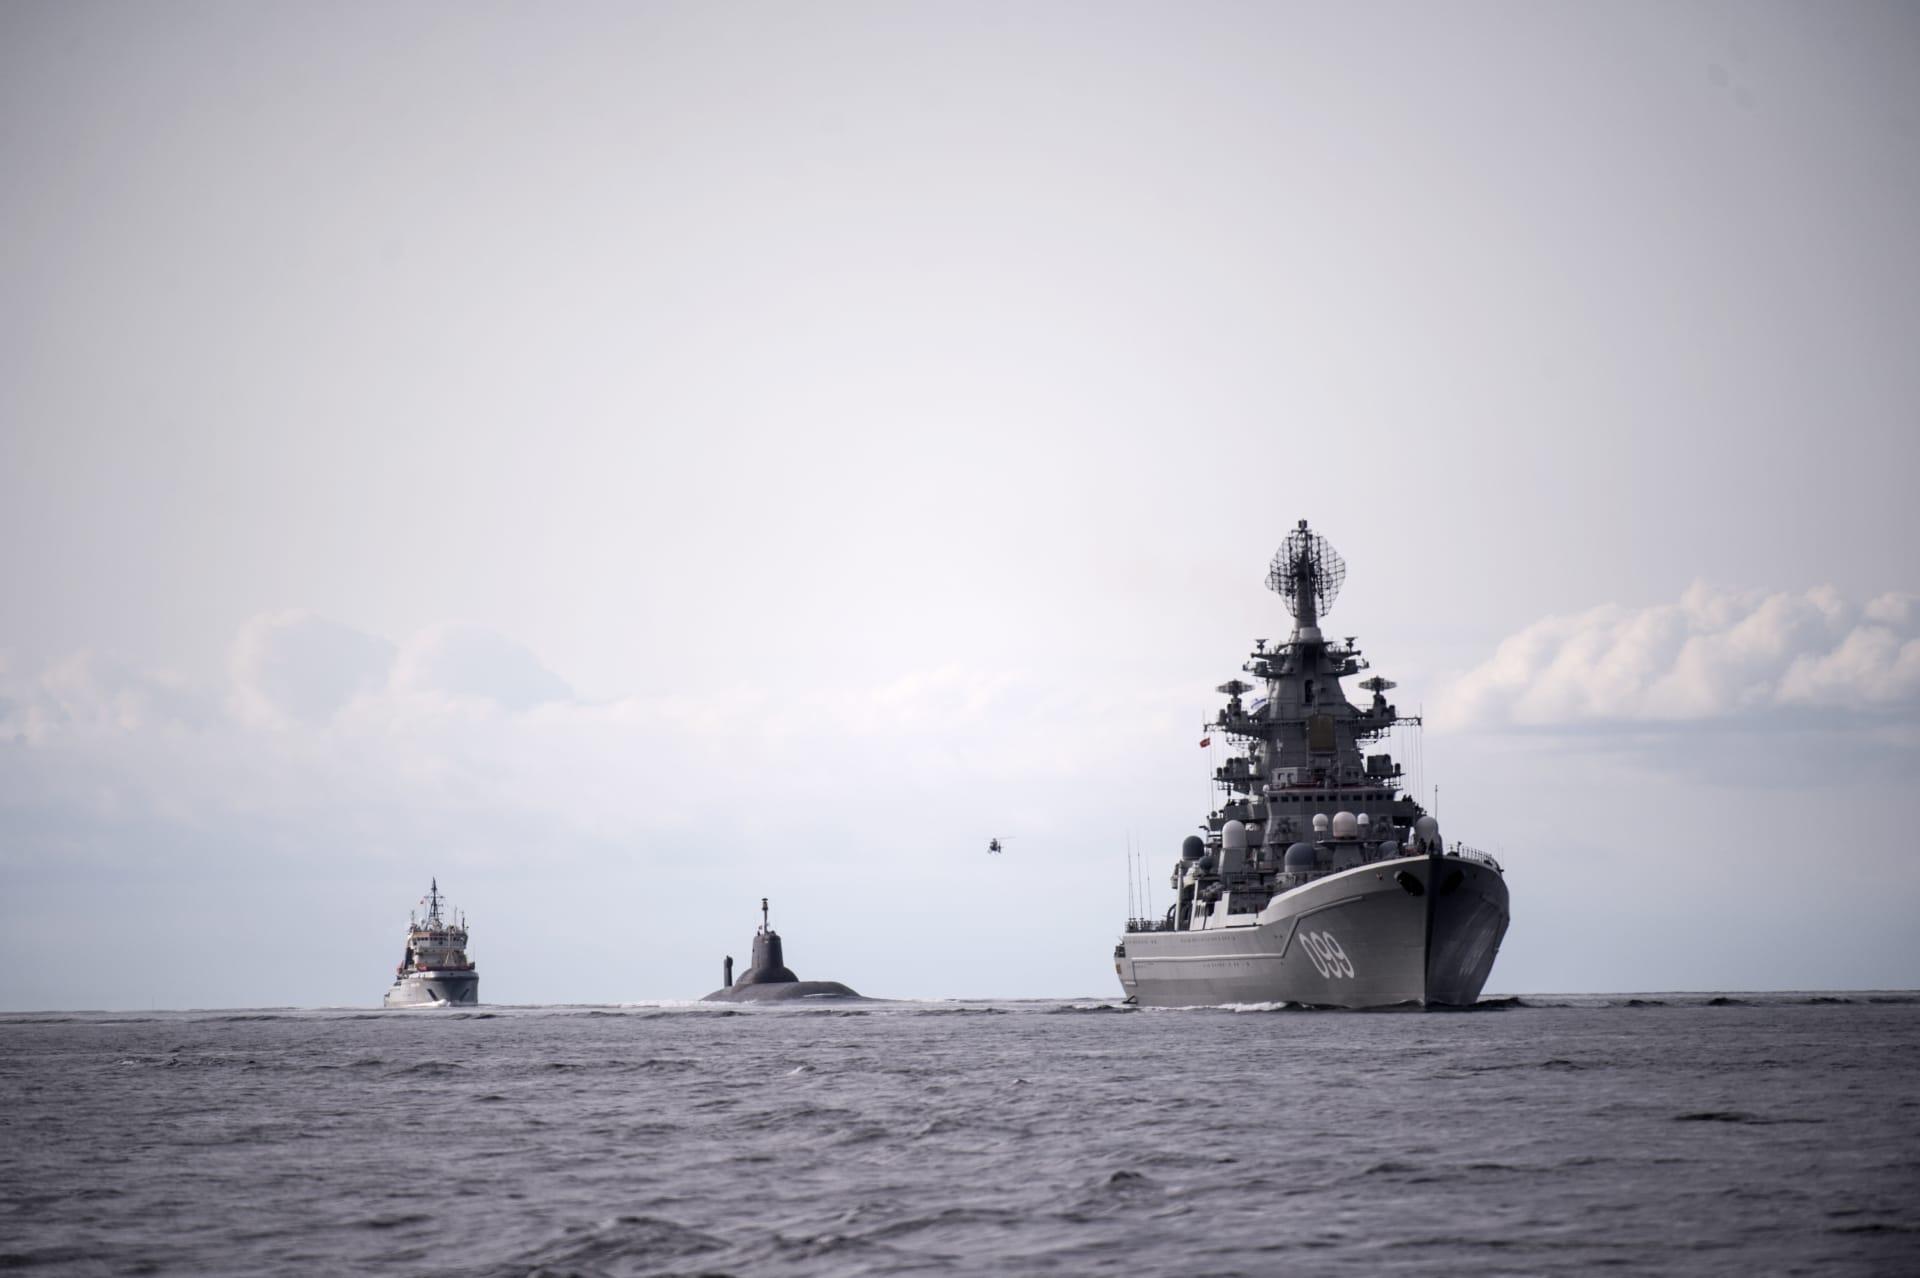 """الجيش الروسي: تصرف طاقم المُدمرة الأمريكية مع السفينة الحربية الروسية """"غير مهني"""""""